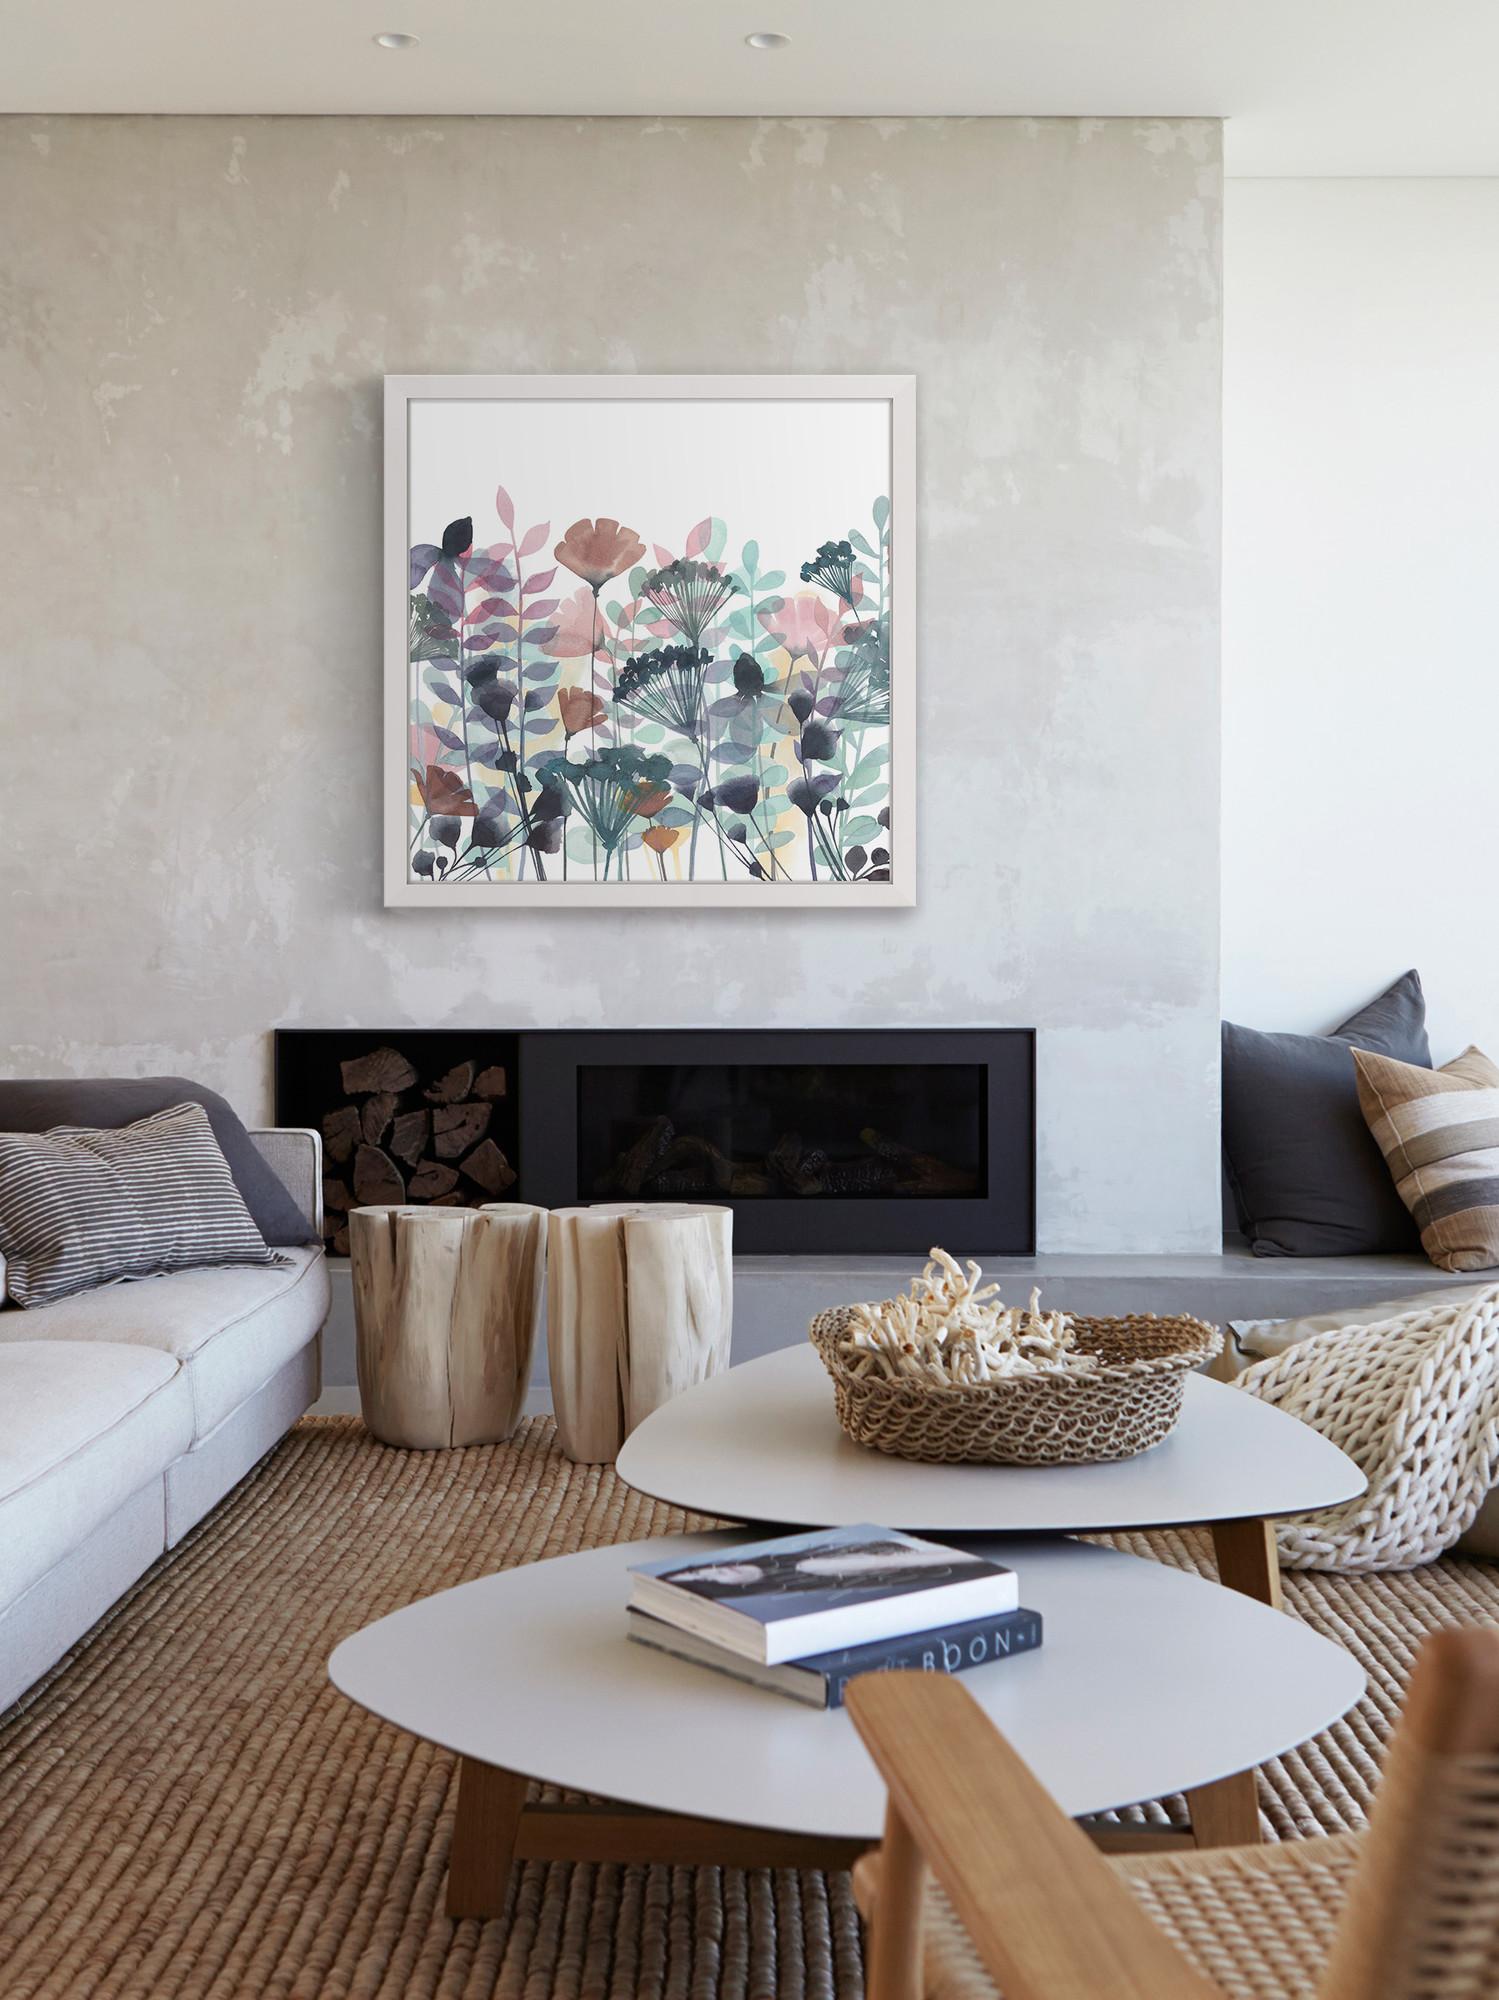 Khung tranh in canvas treo phòng khách nhẹ nhàng, tinh tế